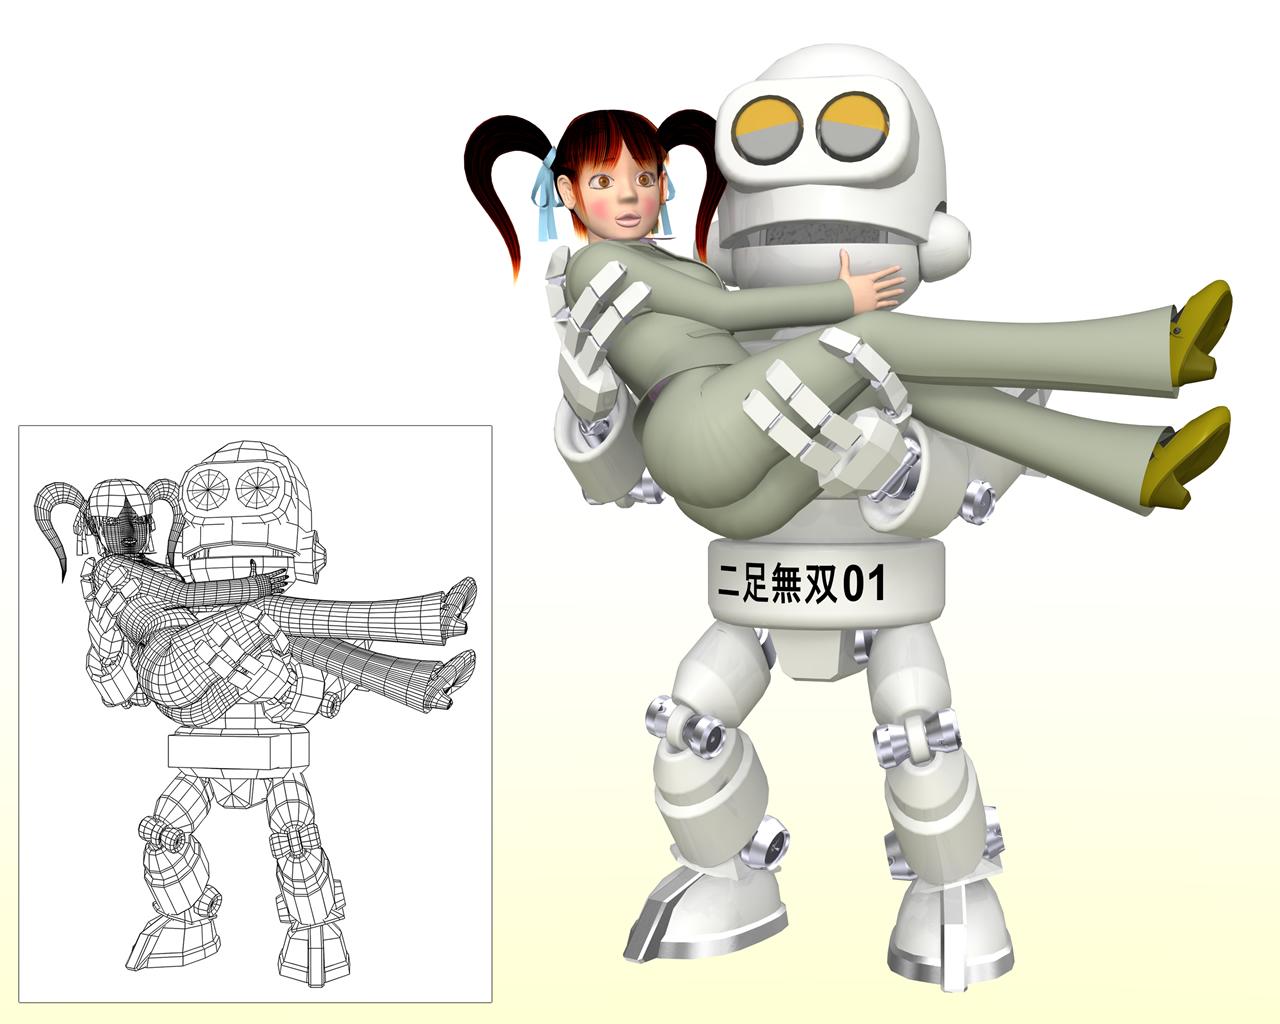 2011年12月 OLと二足歩行ロボット